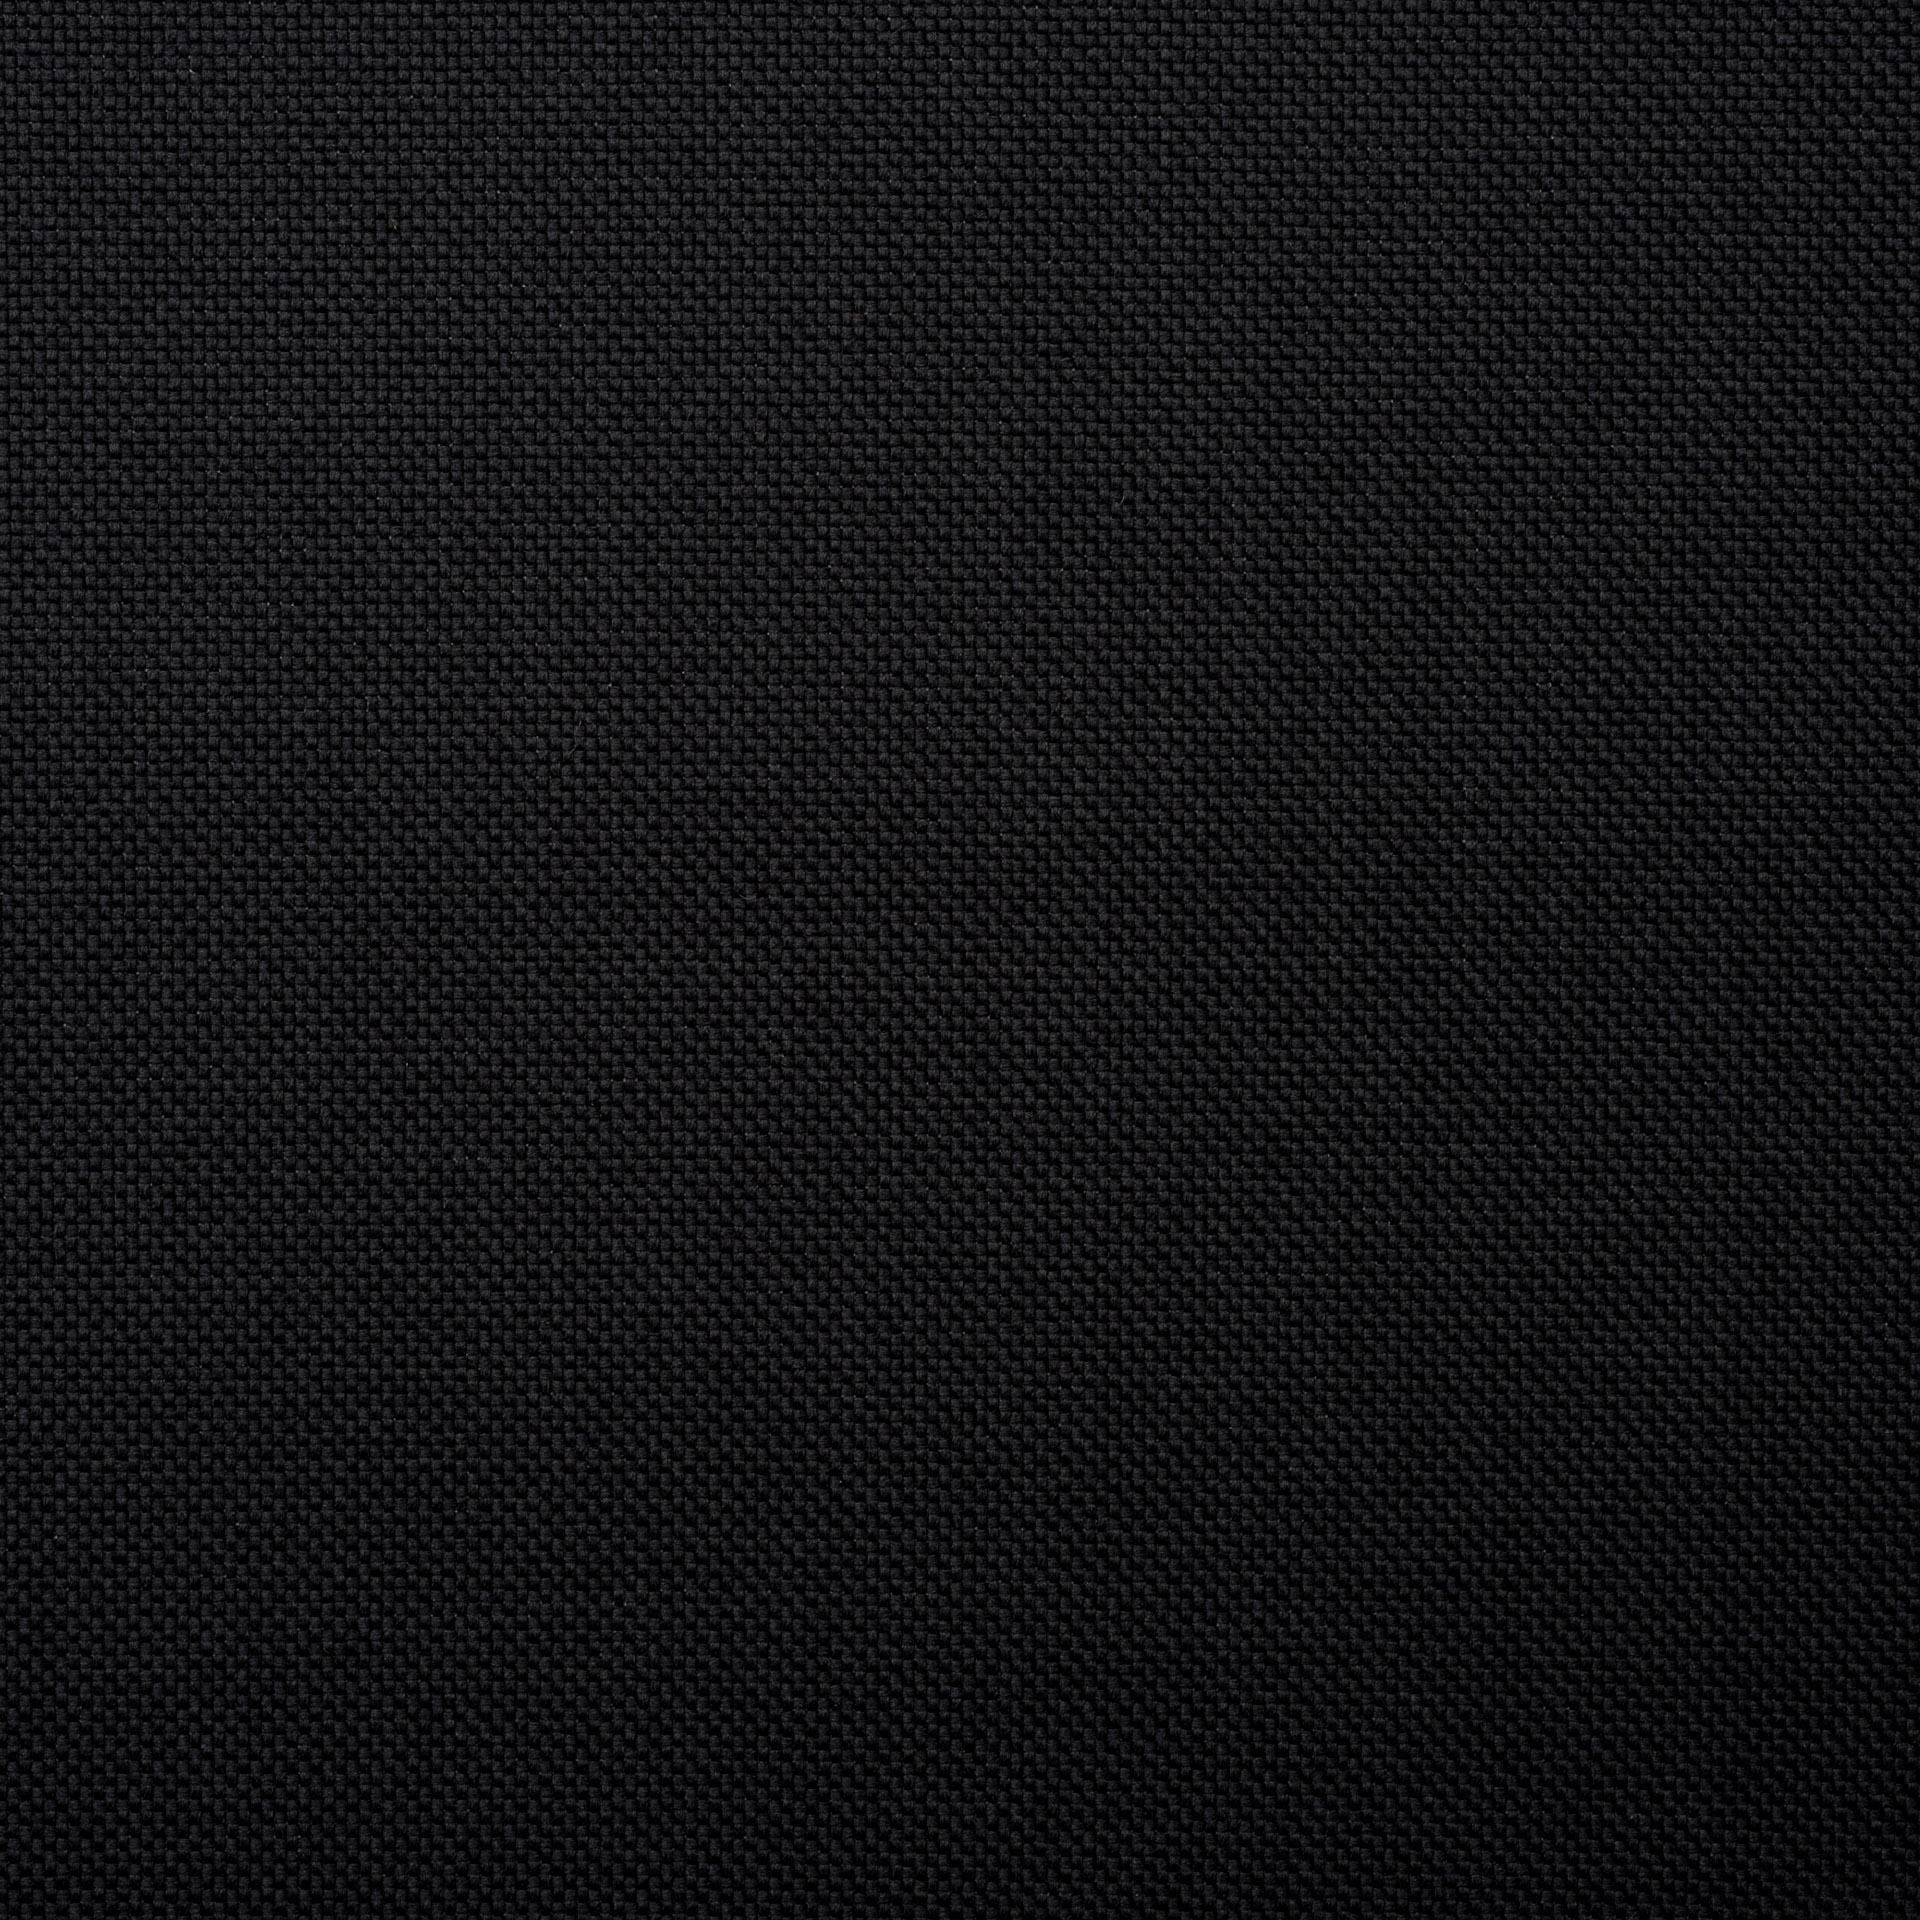 Коллекция ткани Саванна BLACK 19,  купить ткань Жаккард для мебели Украина